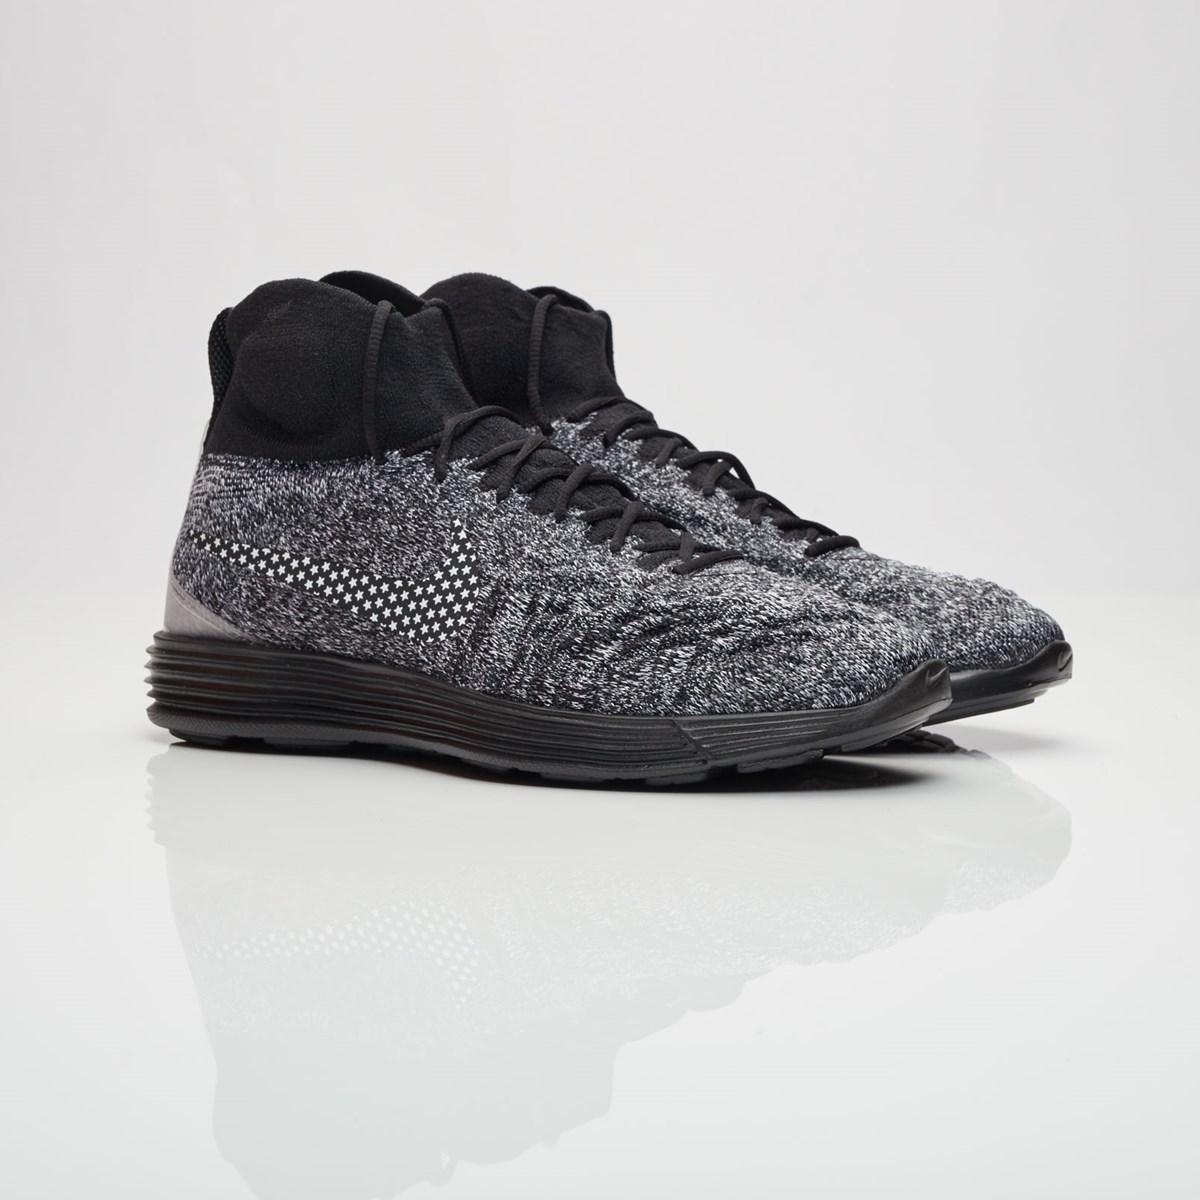 purchase cheap 46dce be781 nike lunar magista ii flyknit fc 876385 001 sneakers   streetwear på nätet  sen 199.